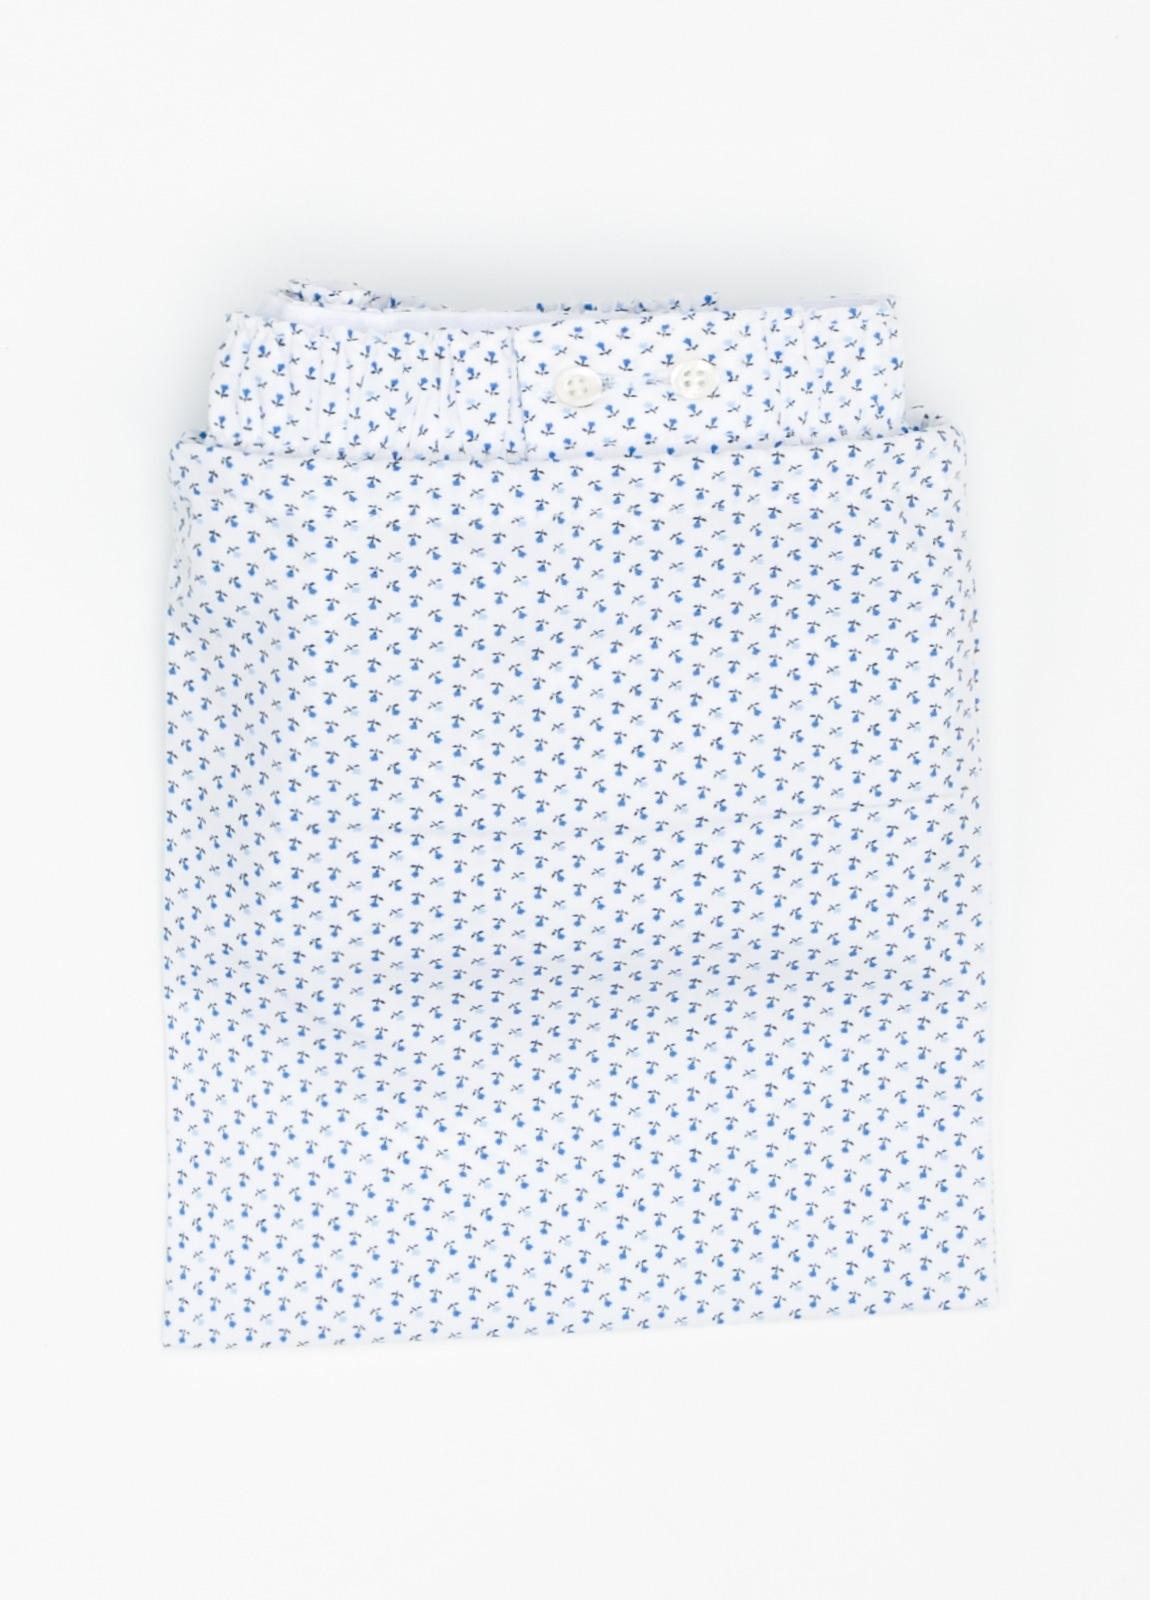 Boxer fondo blanco estampado azul, 100% Algodón. Bolsa incluida del mismo tejido. - Ítem1